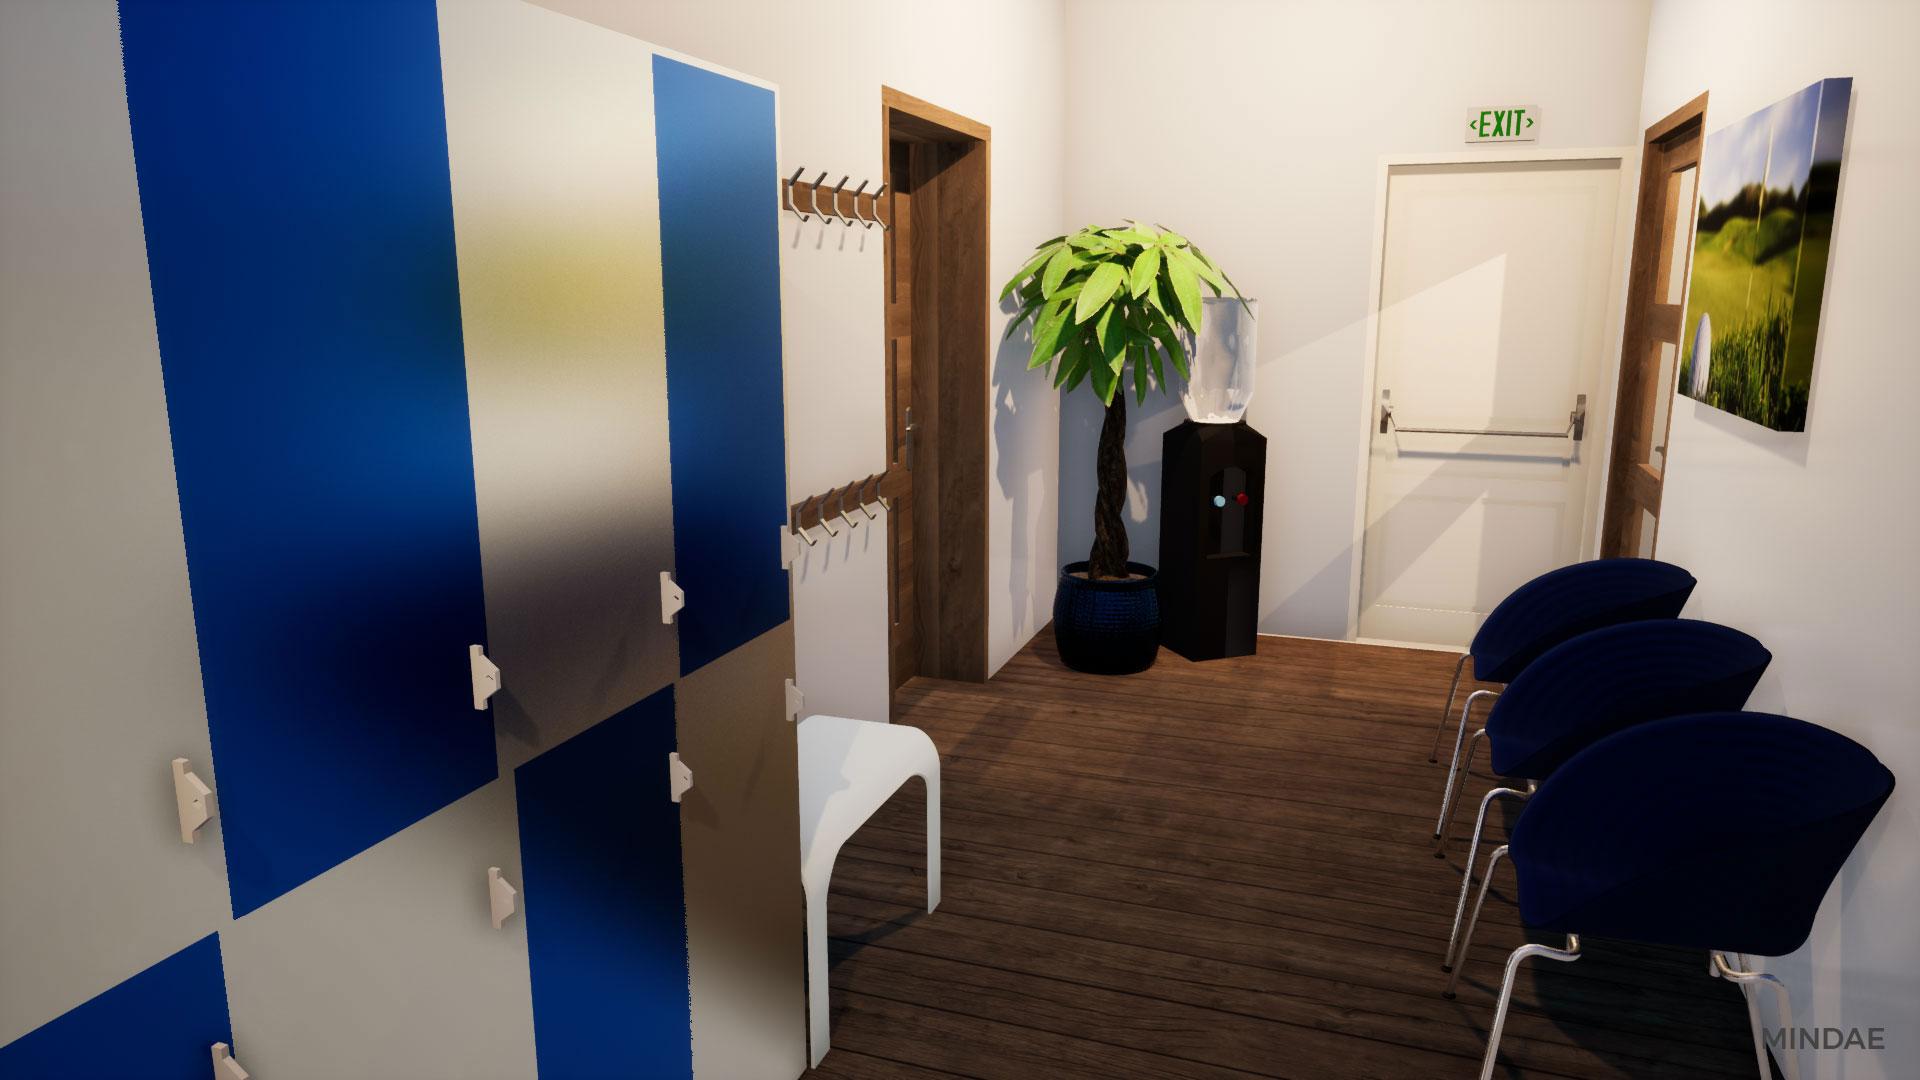 Mindae_3D_golf_caen_bluegreen_étage_projet_garderie-(6)